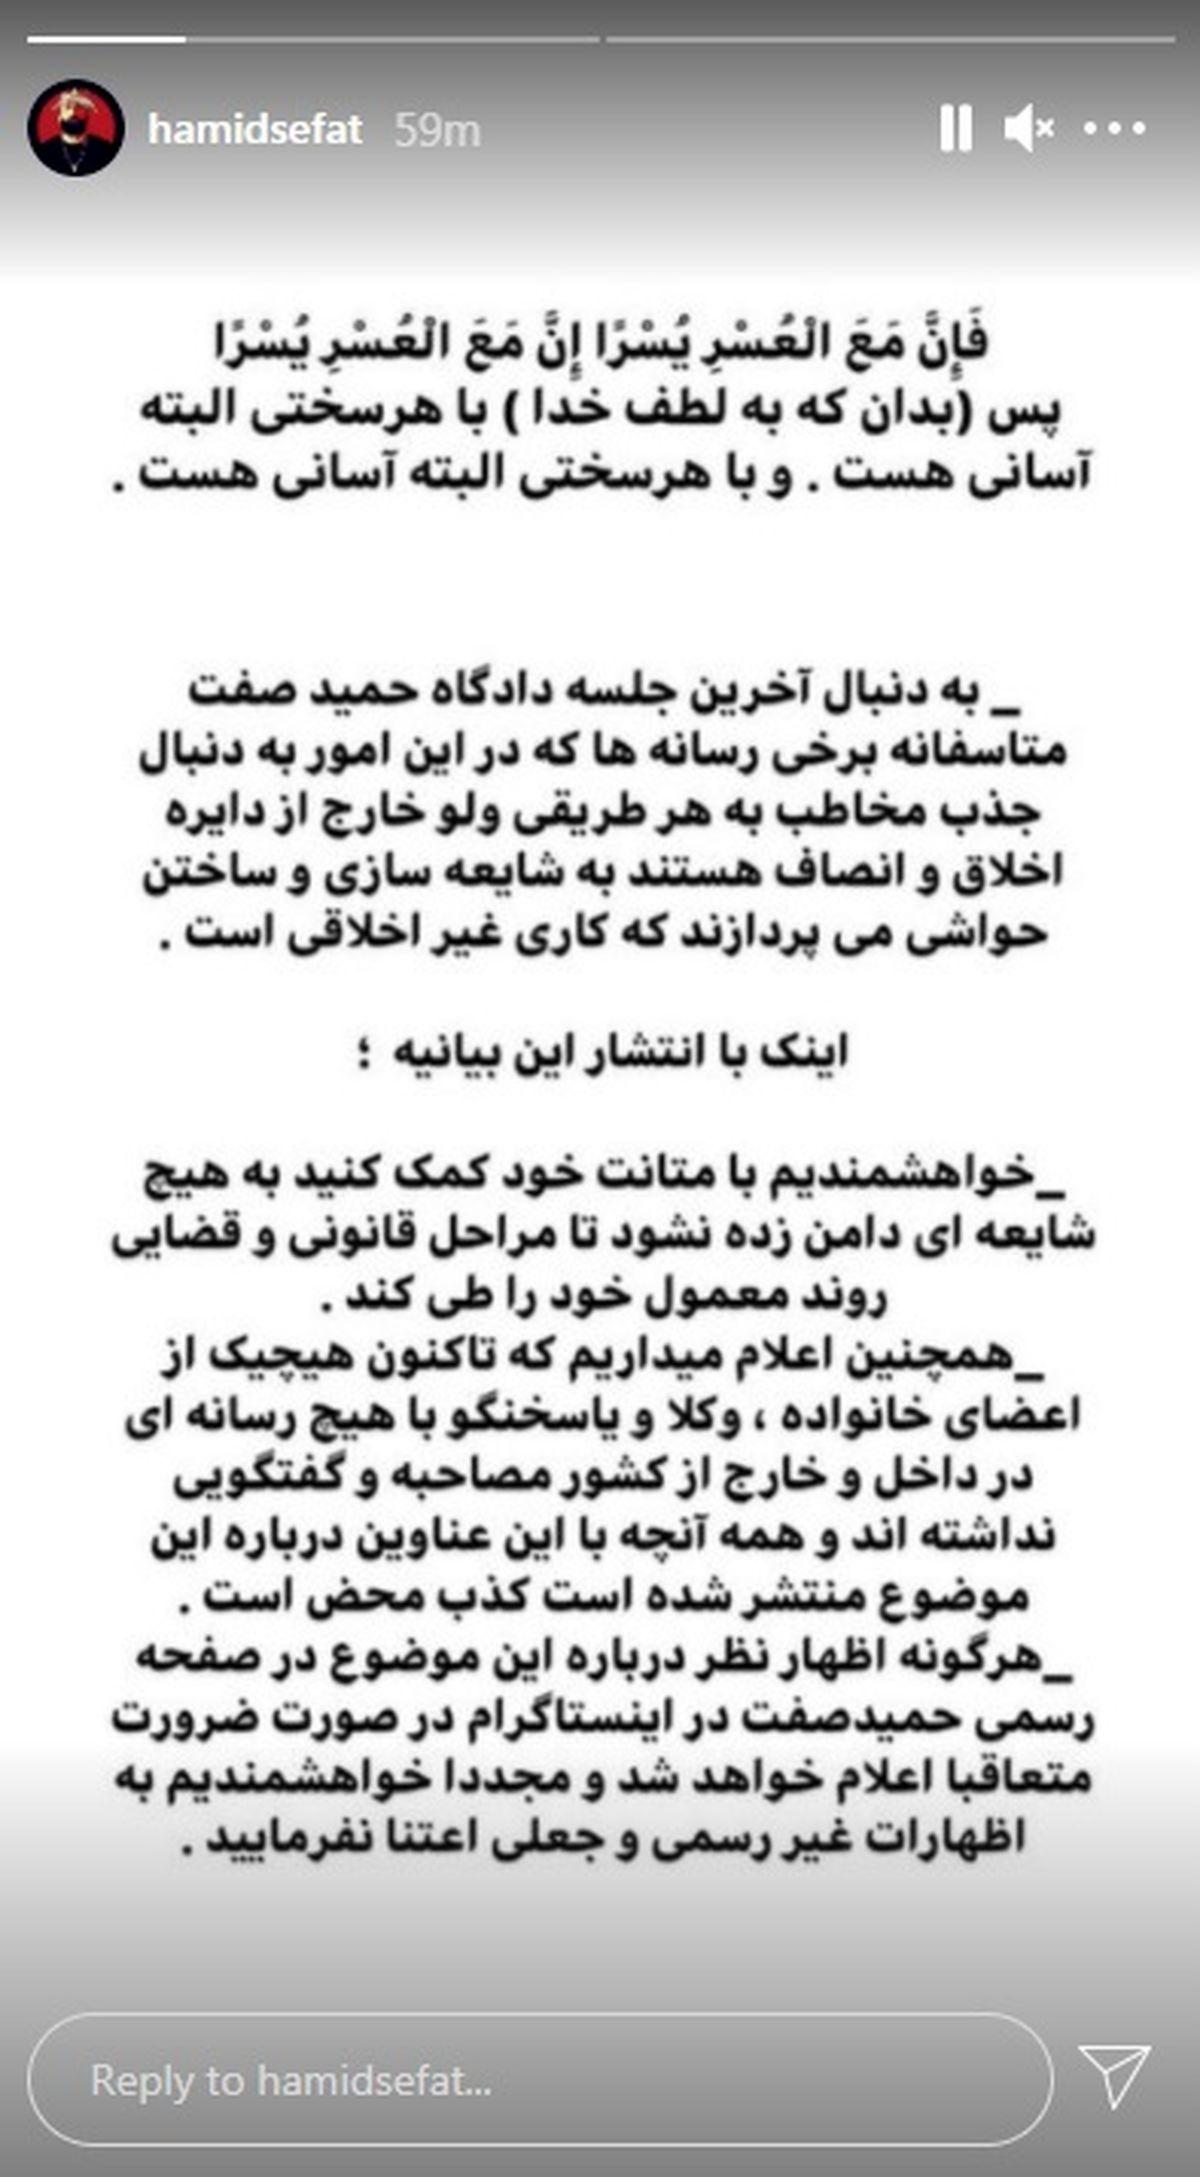 بیانیه جدید اینستاگرام حمید صفت درباره حکم اعدامش+عکس